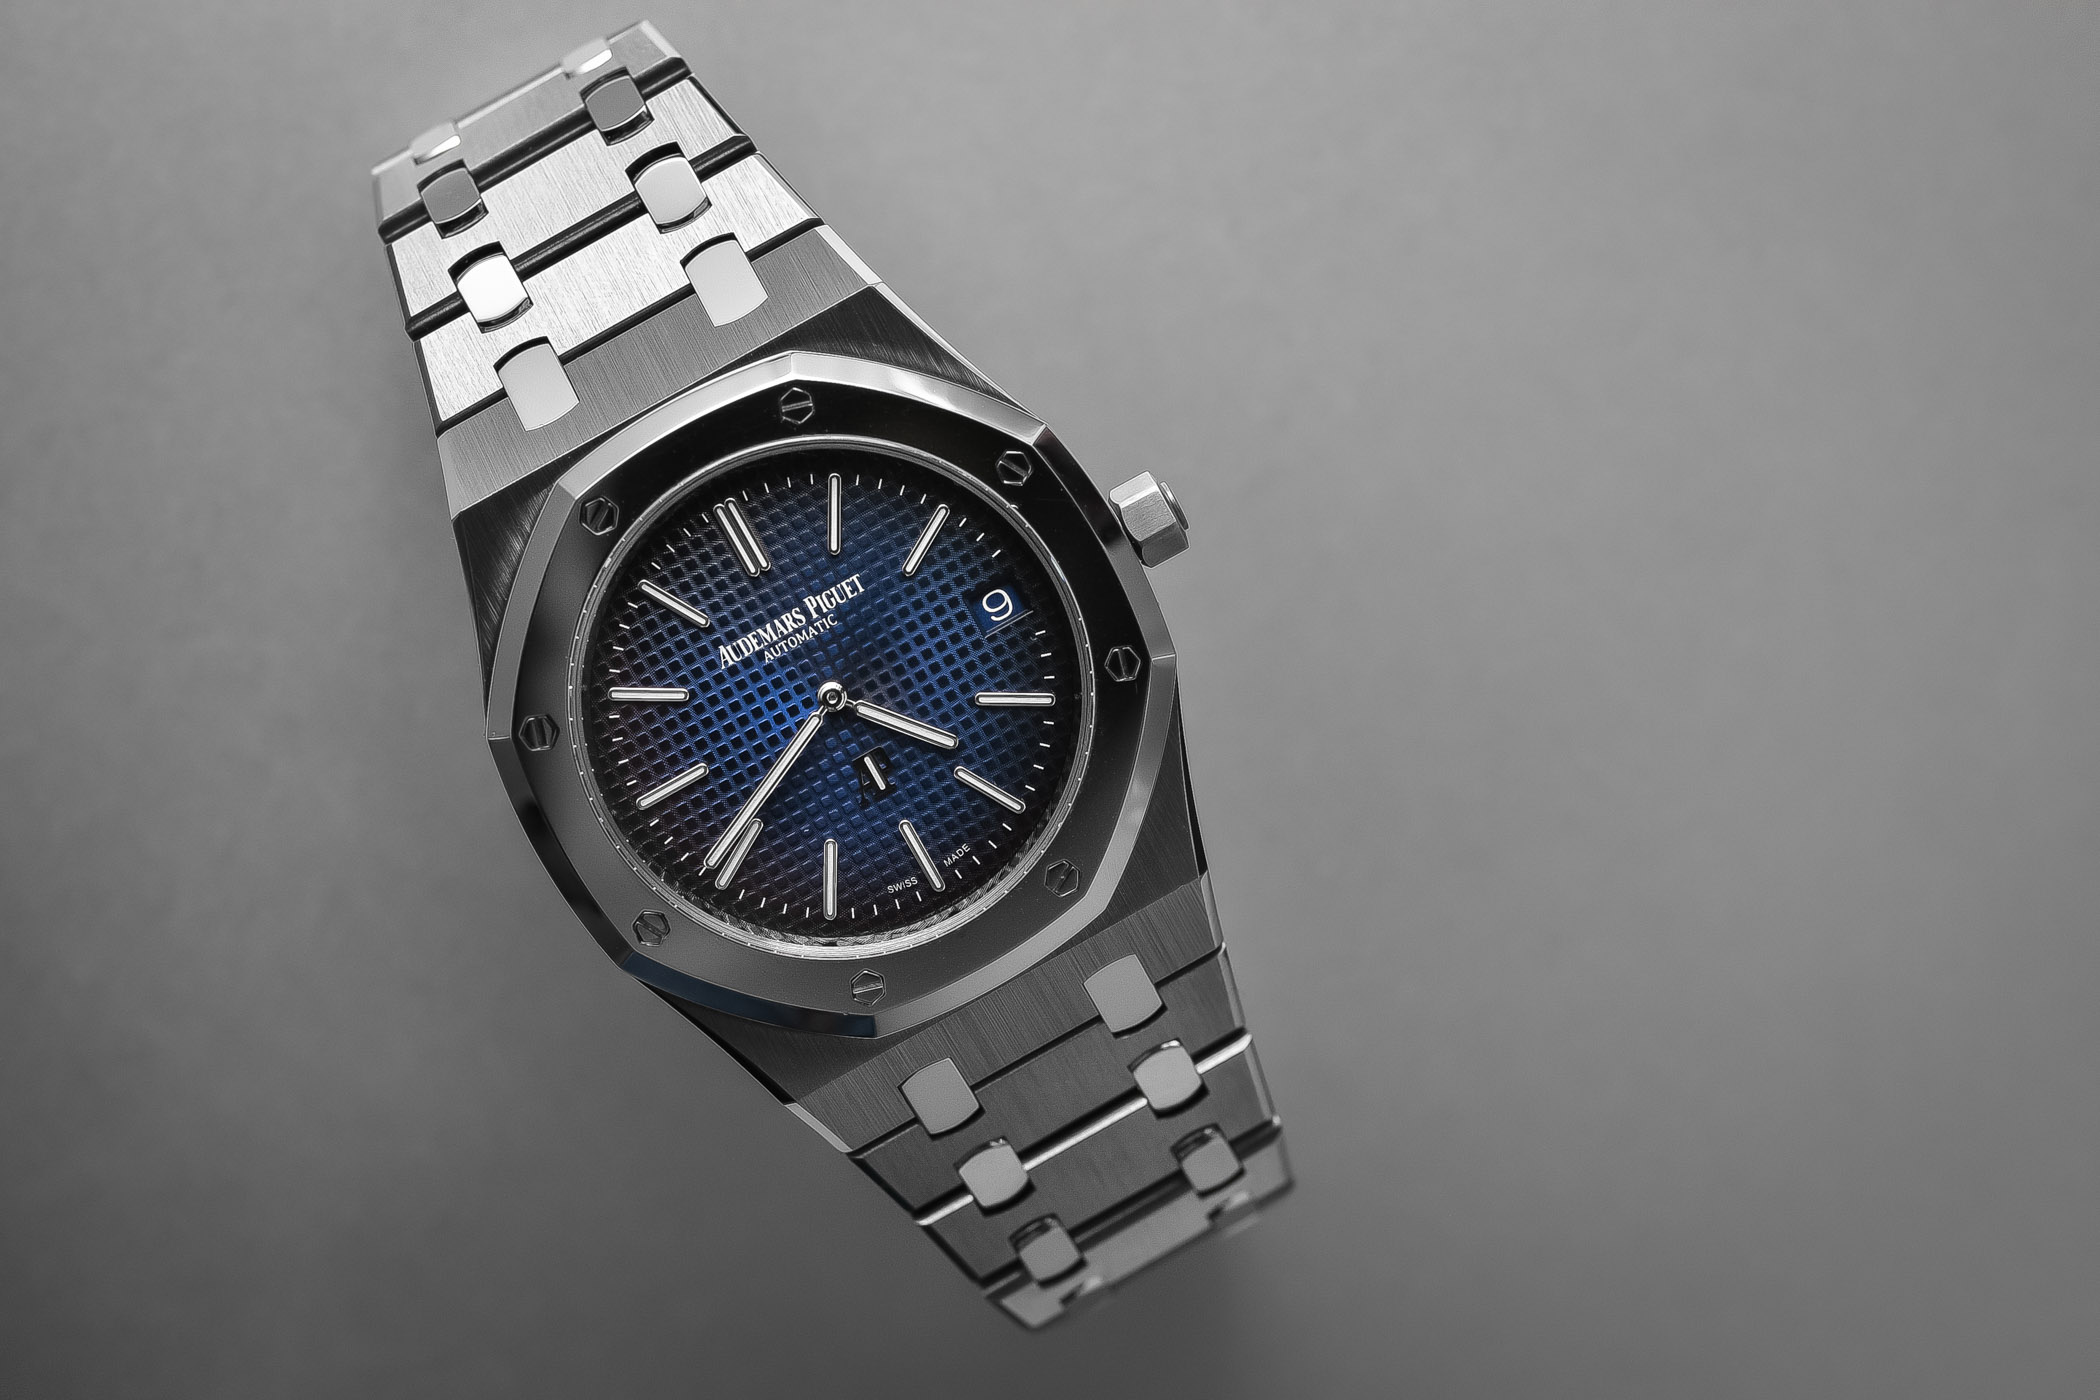 Audemars Piguet Royal Oak Jumbo Extra-Thin 15202IP titanium-platinum smoked blue dial SIHH 2018